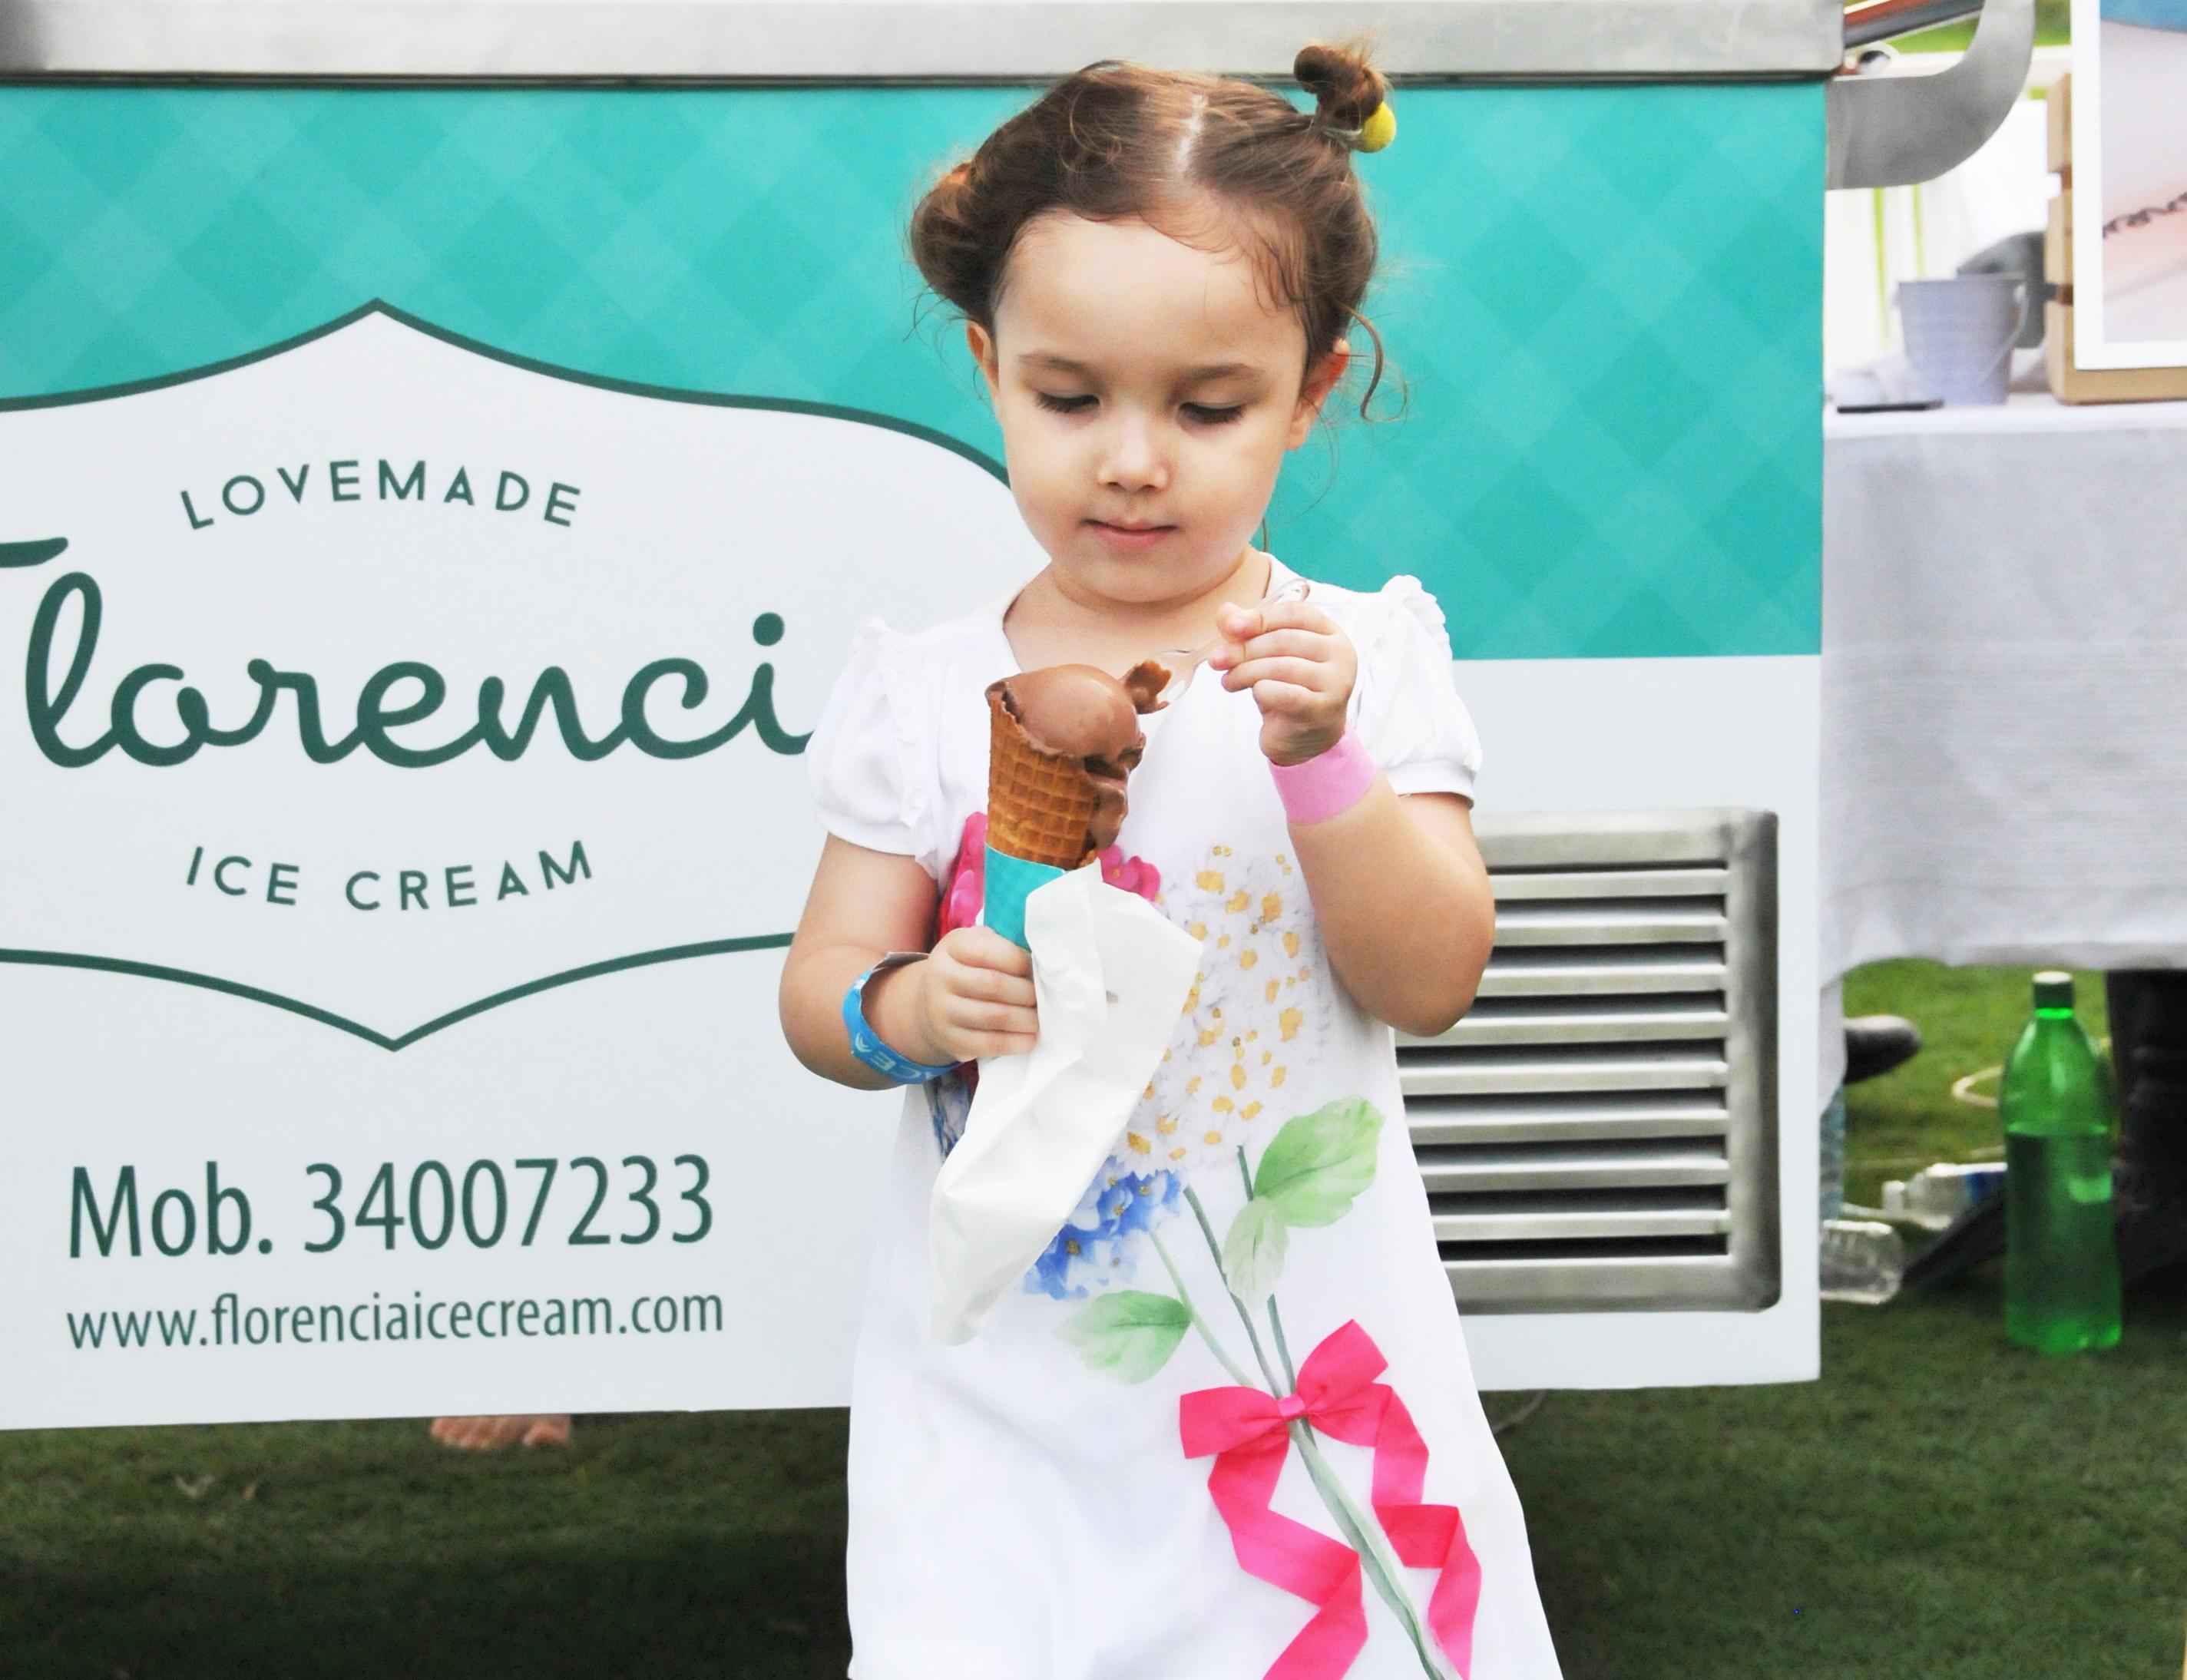 Little girl ice cream - web slide show